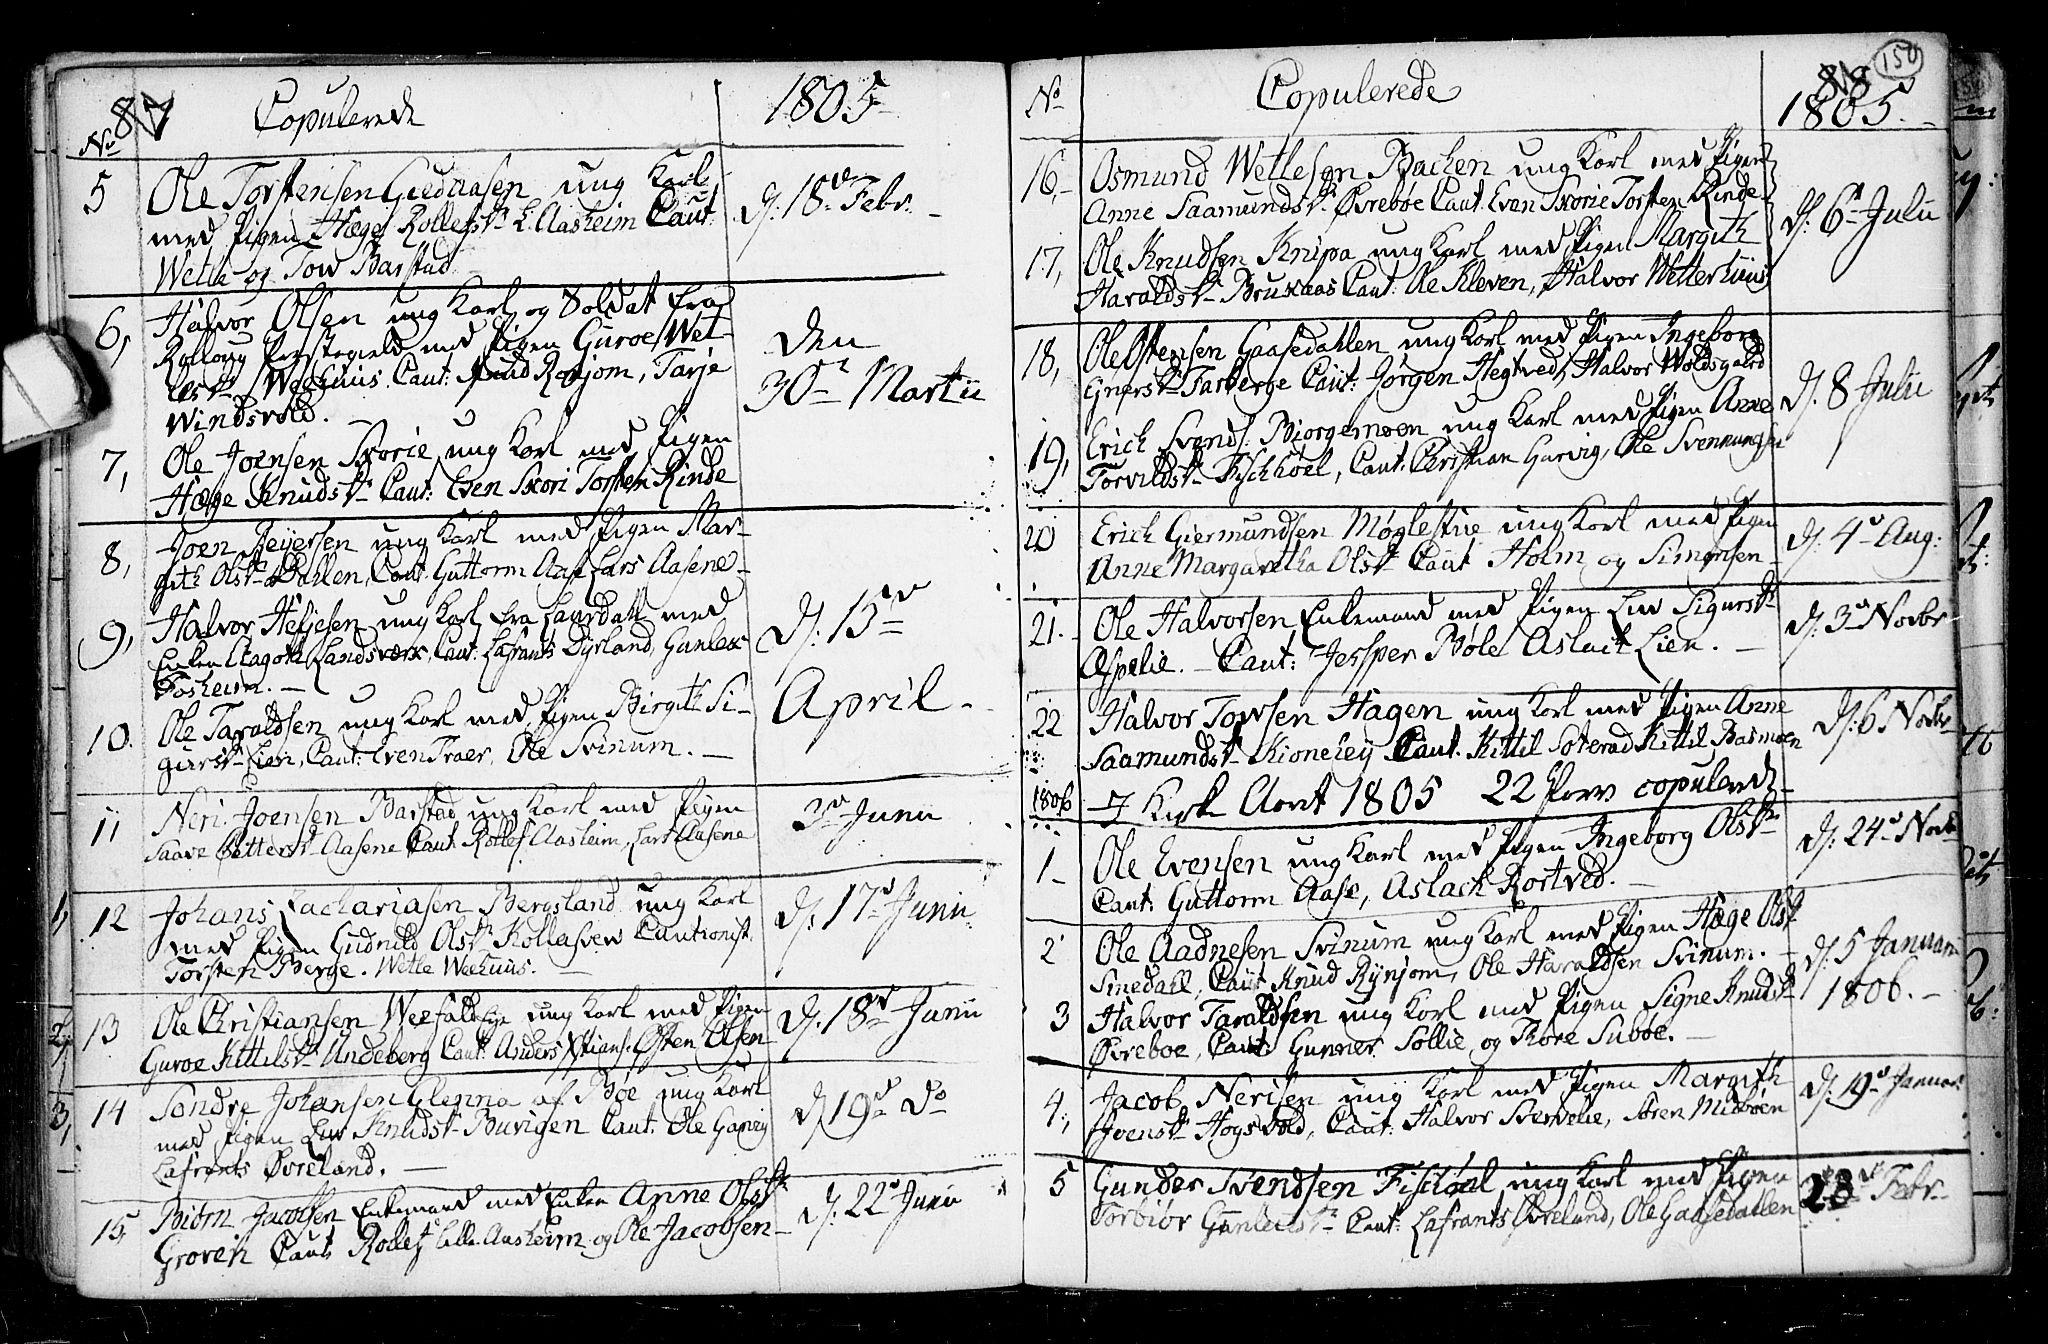 SAKO, Seljord kirkebøker, F/Fa/L0008: Ministerialbok nr. I 8, 1755-1814, s. 150